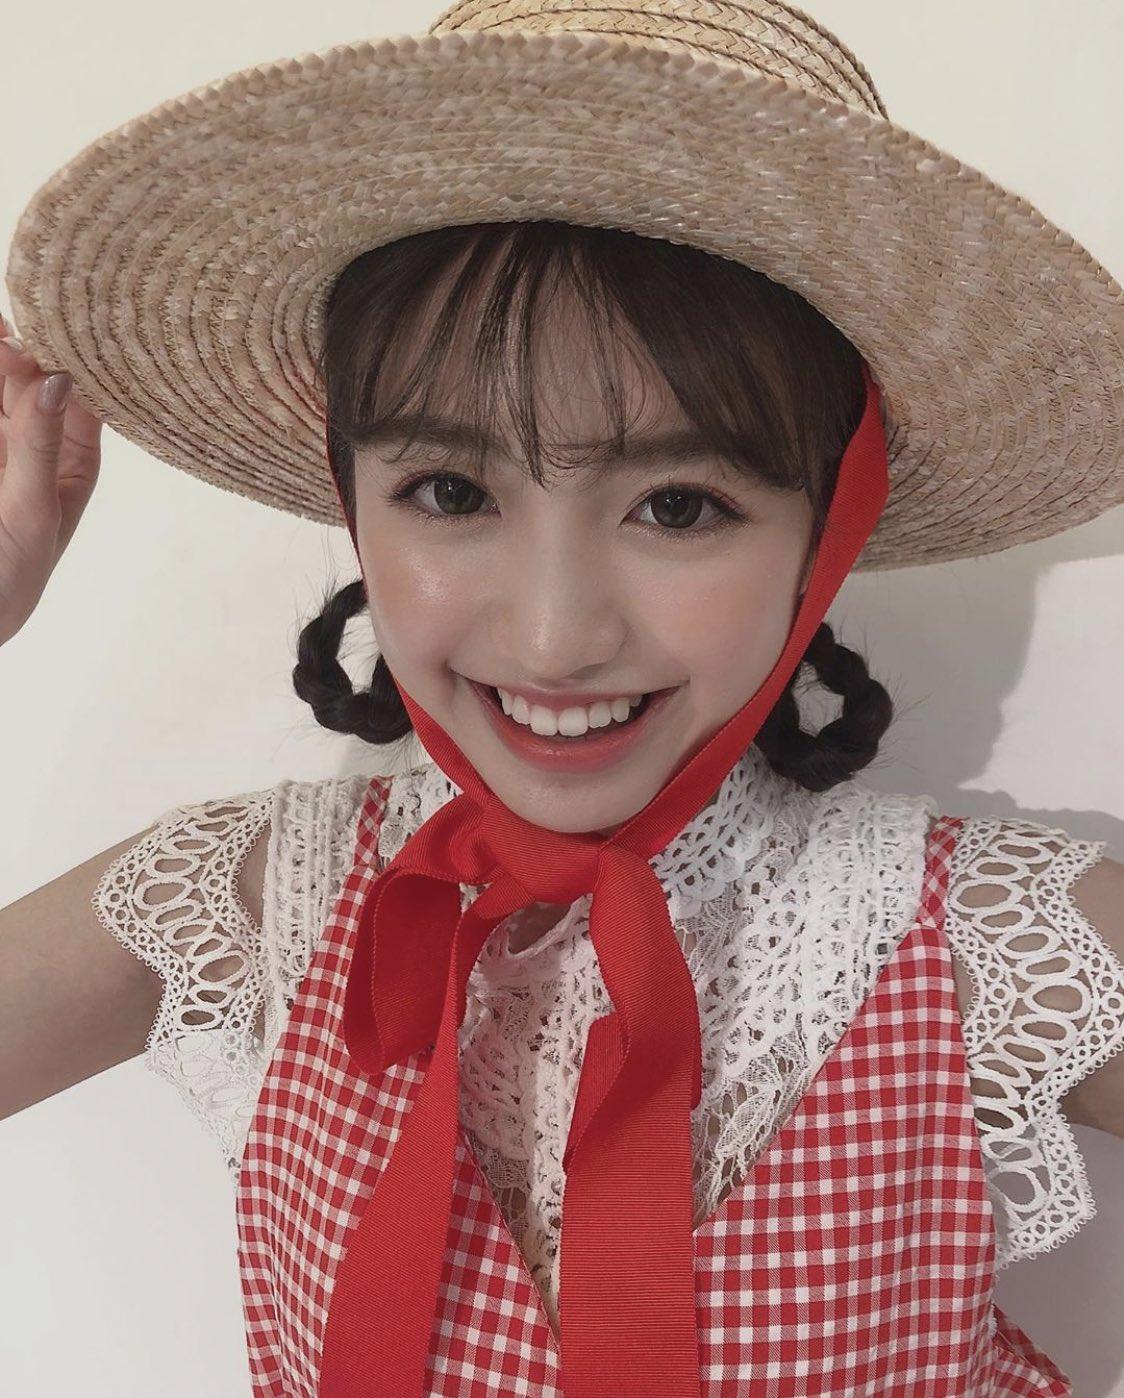 野々村真さんの娘、香音さん顔画像12